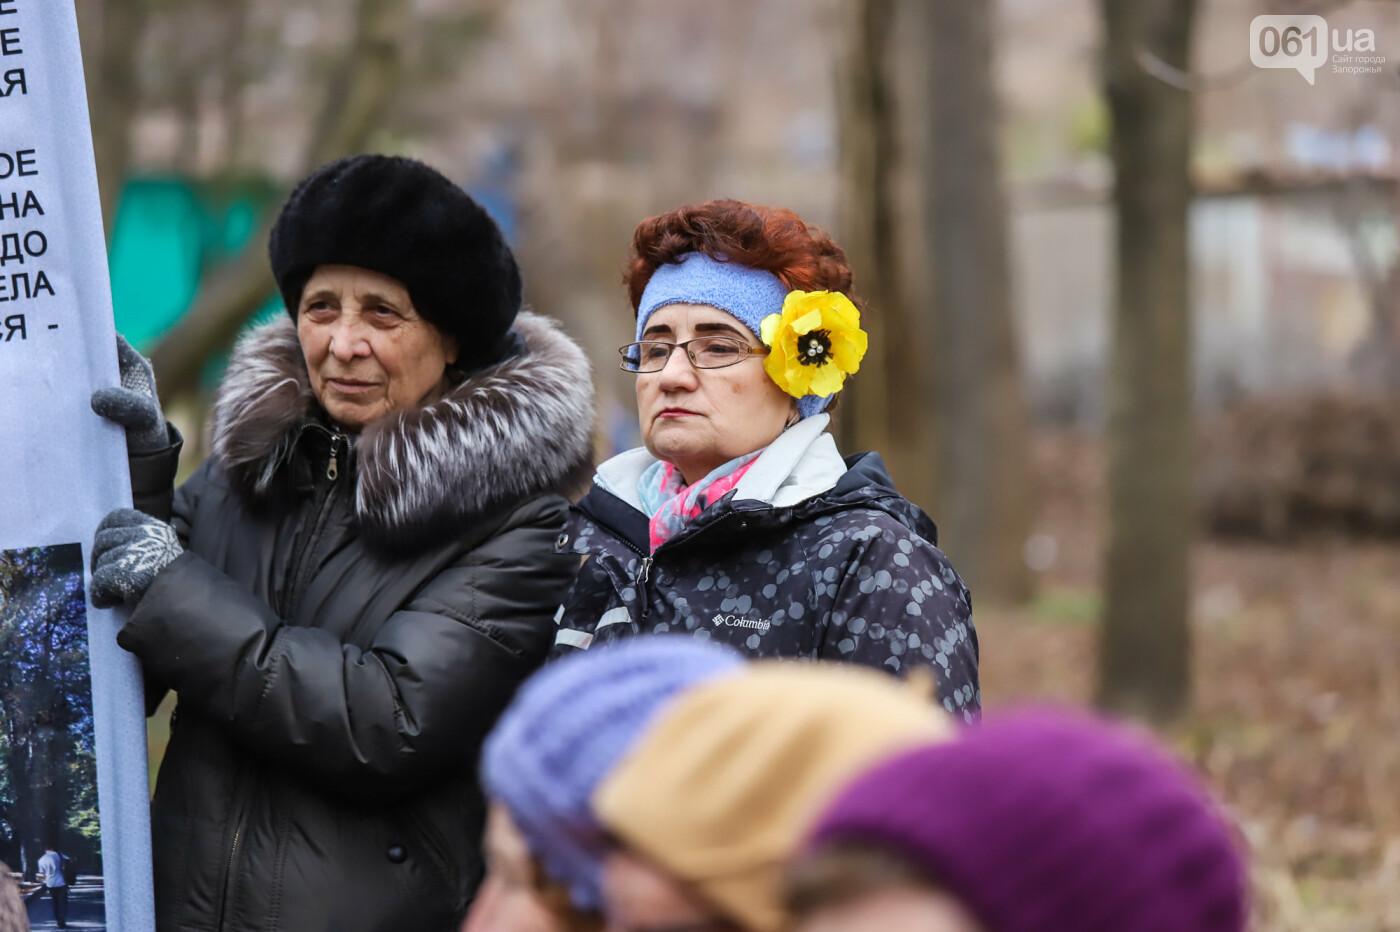 «В плену у заповедника»: как на Хортице живут люди без права на приватизацию жилья, - ФОТОРЕПОРТАЖ , фото-5